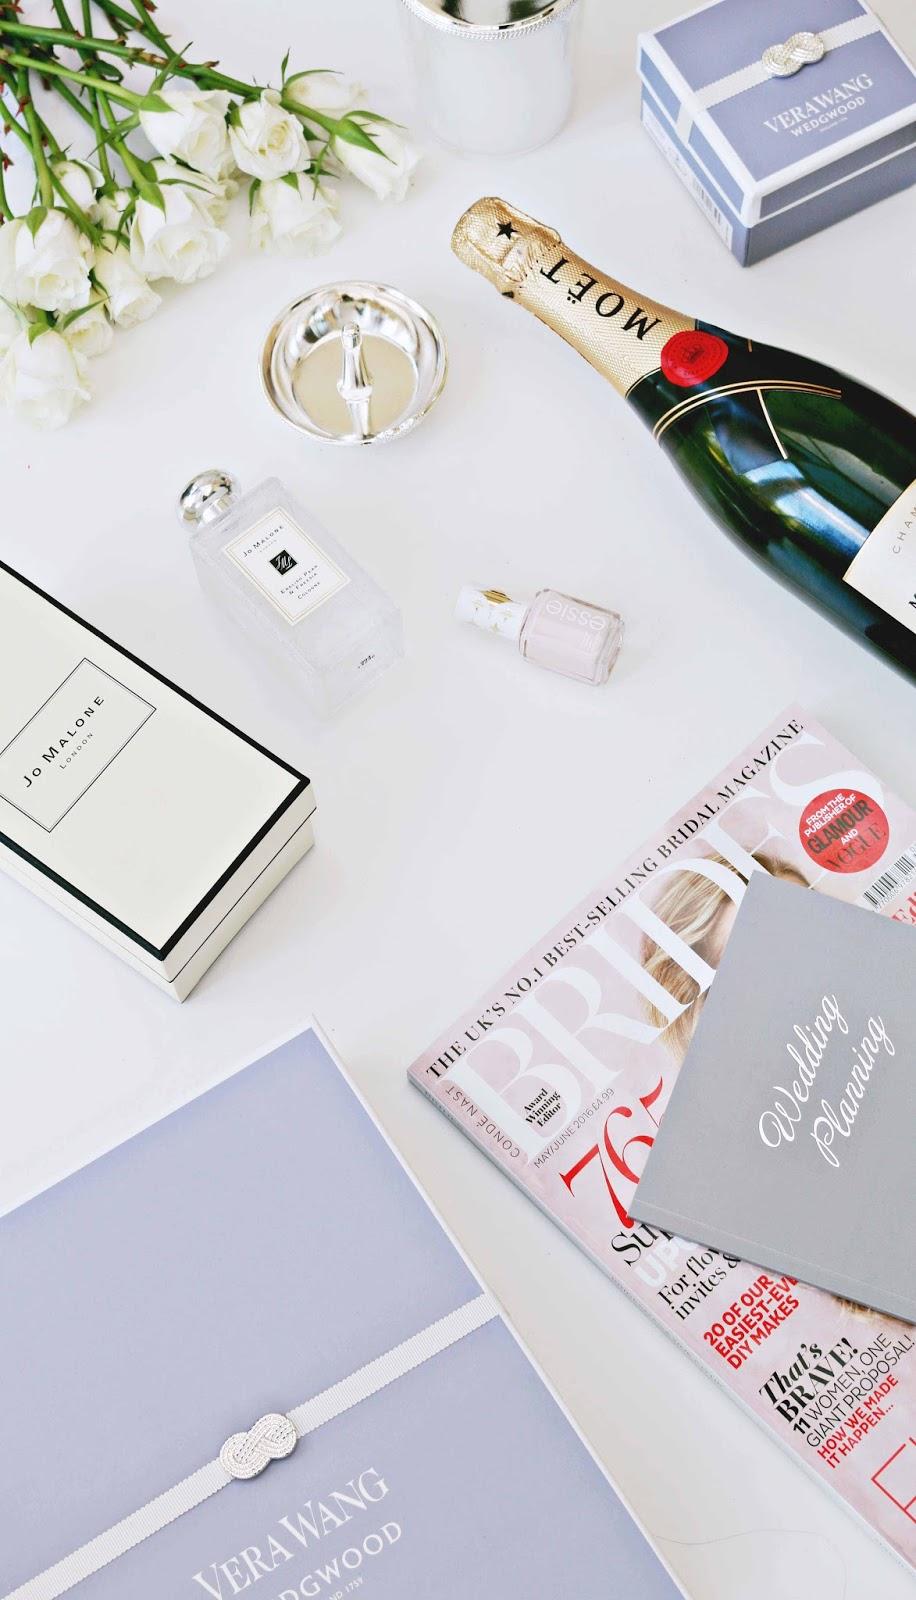 Bridal Gift guide, wedding, wedding presents, engagement presents, vera wang at wedgwood, wedgwood, vera wang, bridal, bride to be presents, wedding planning, lifestyle, etsy, wedding planning presents